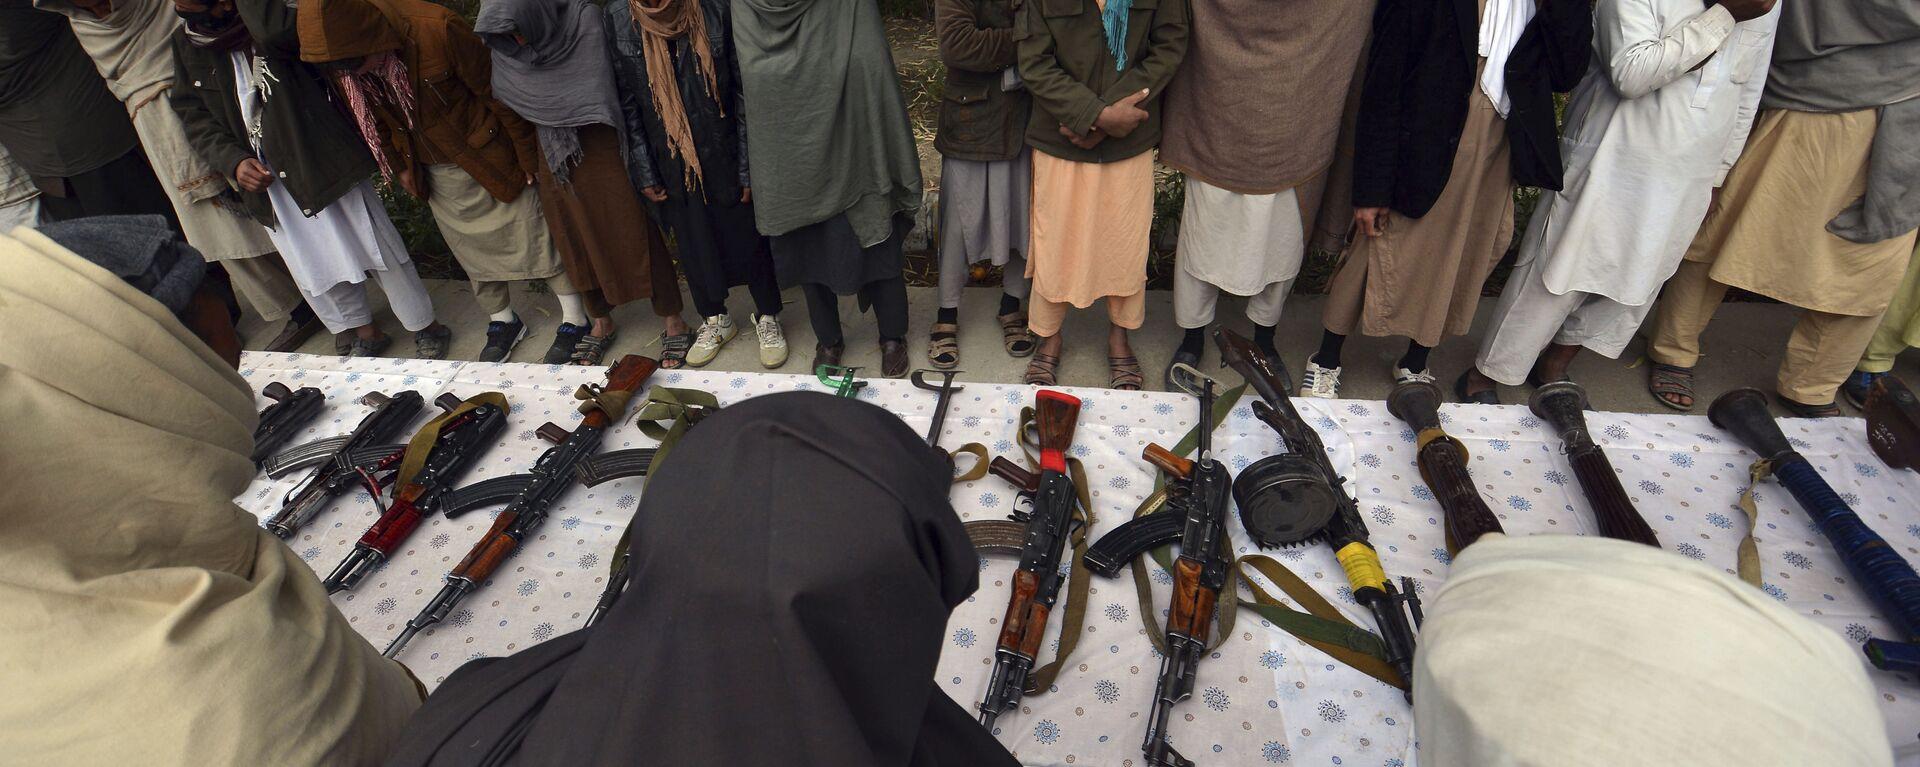 Бывшие боевики талибана передали свое оружие - Sputnik Таджикистан, 1920, 16.08.2021